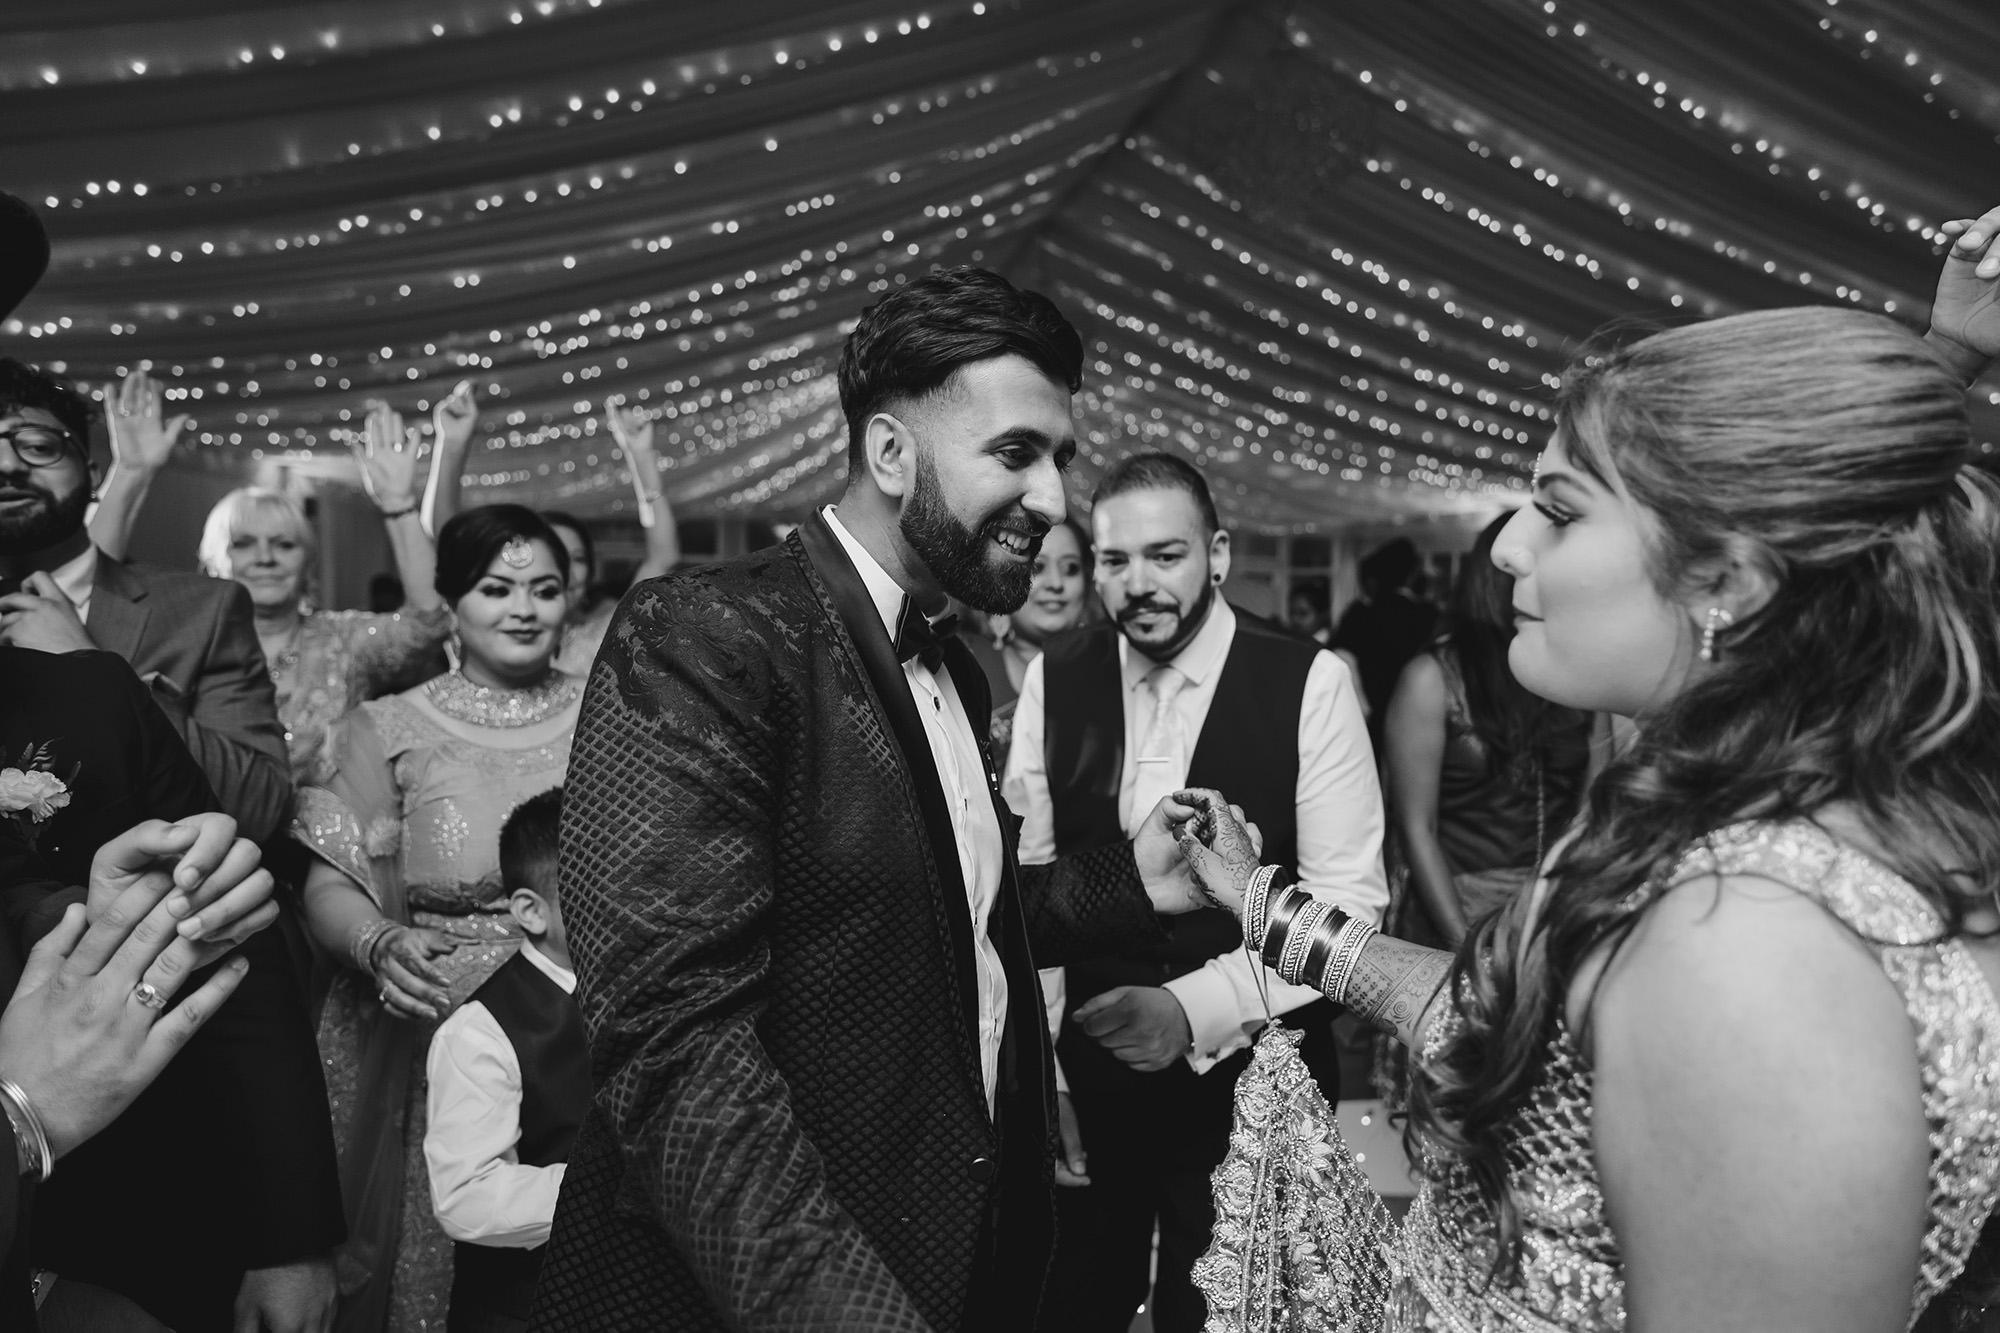 bride and groom dancing on the dancefloor